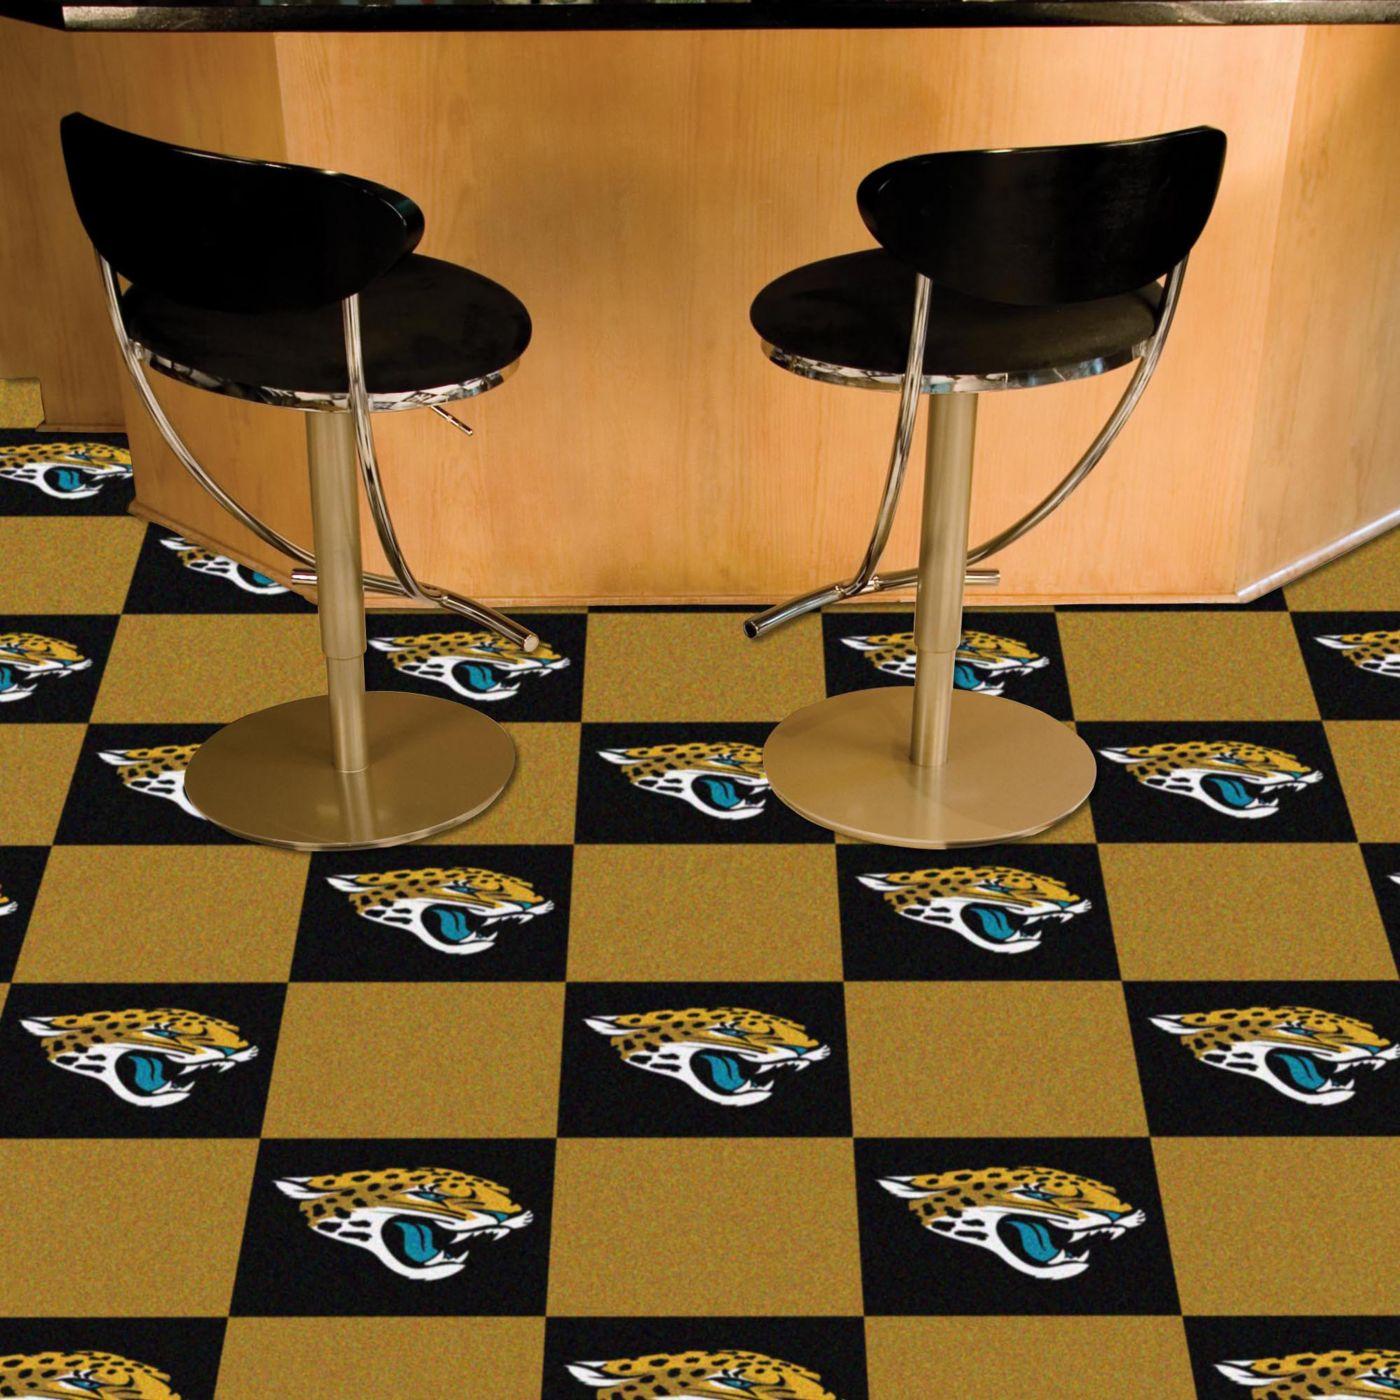 FANMATS Jacksonville Jaguars Team Carpet Tiles